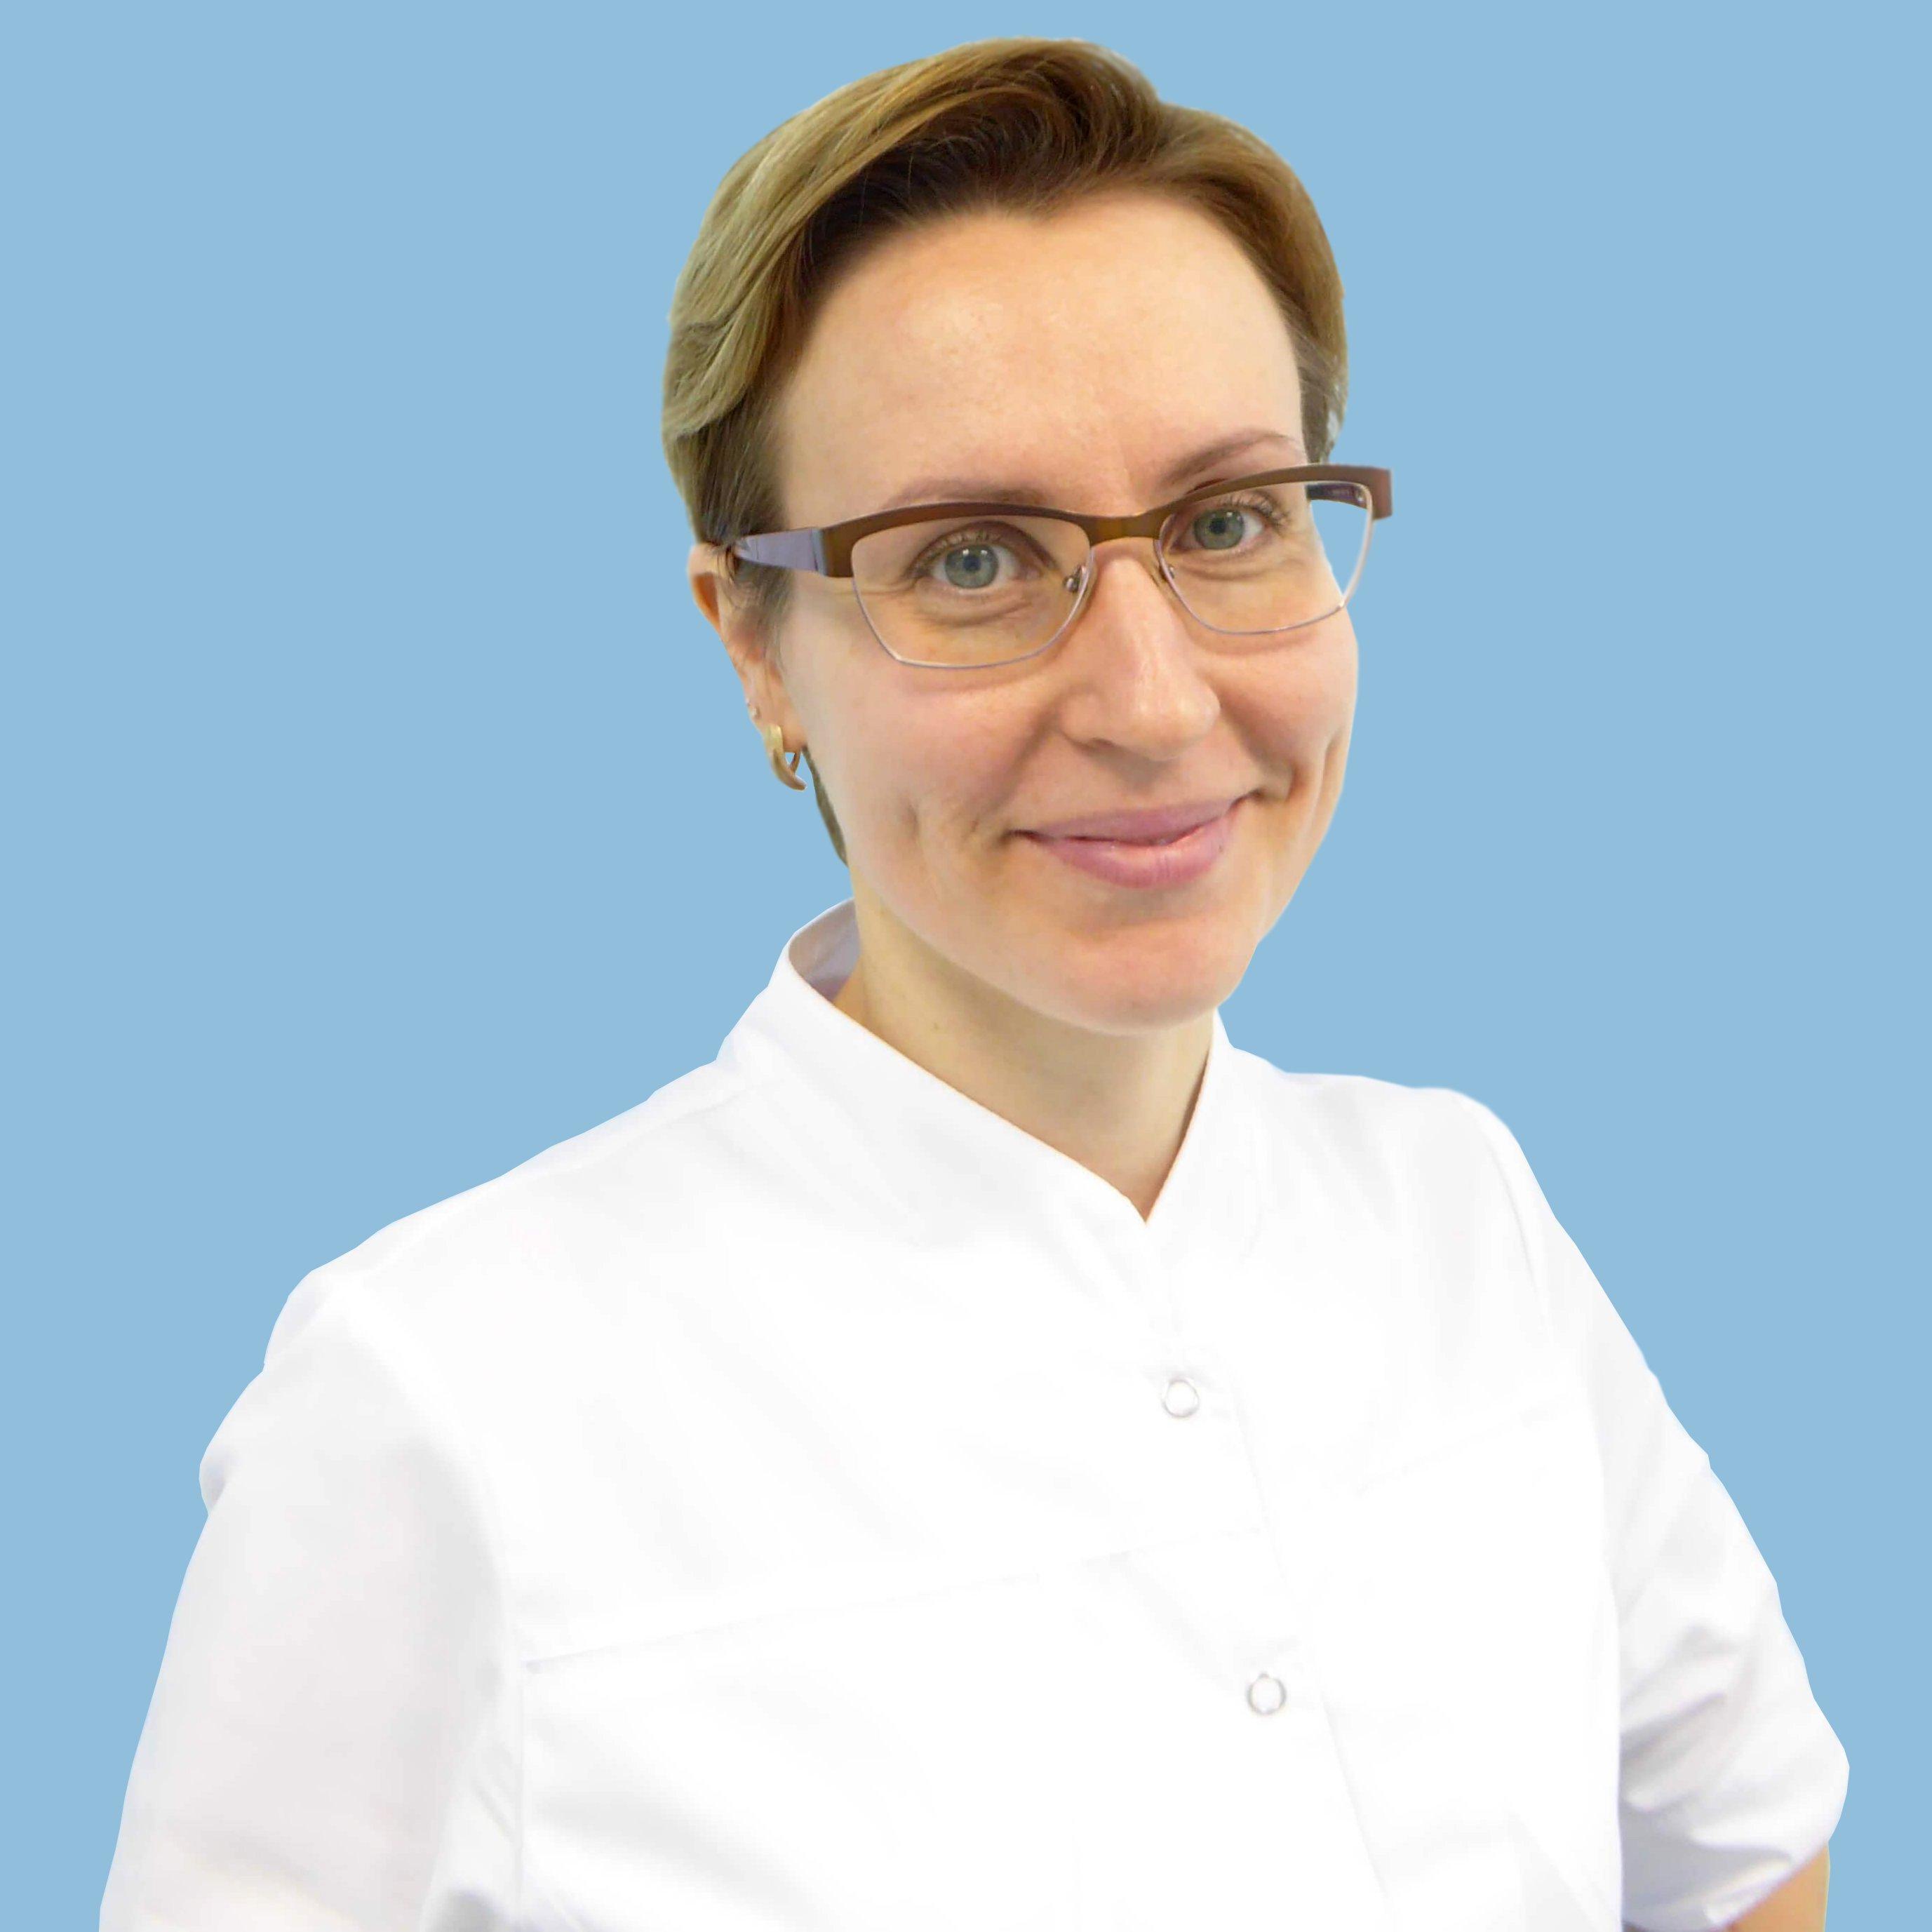 Солтан Ирина Владимировна, врач- дерматолог, детский дерматолог, косметолог